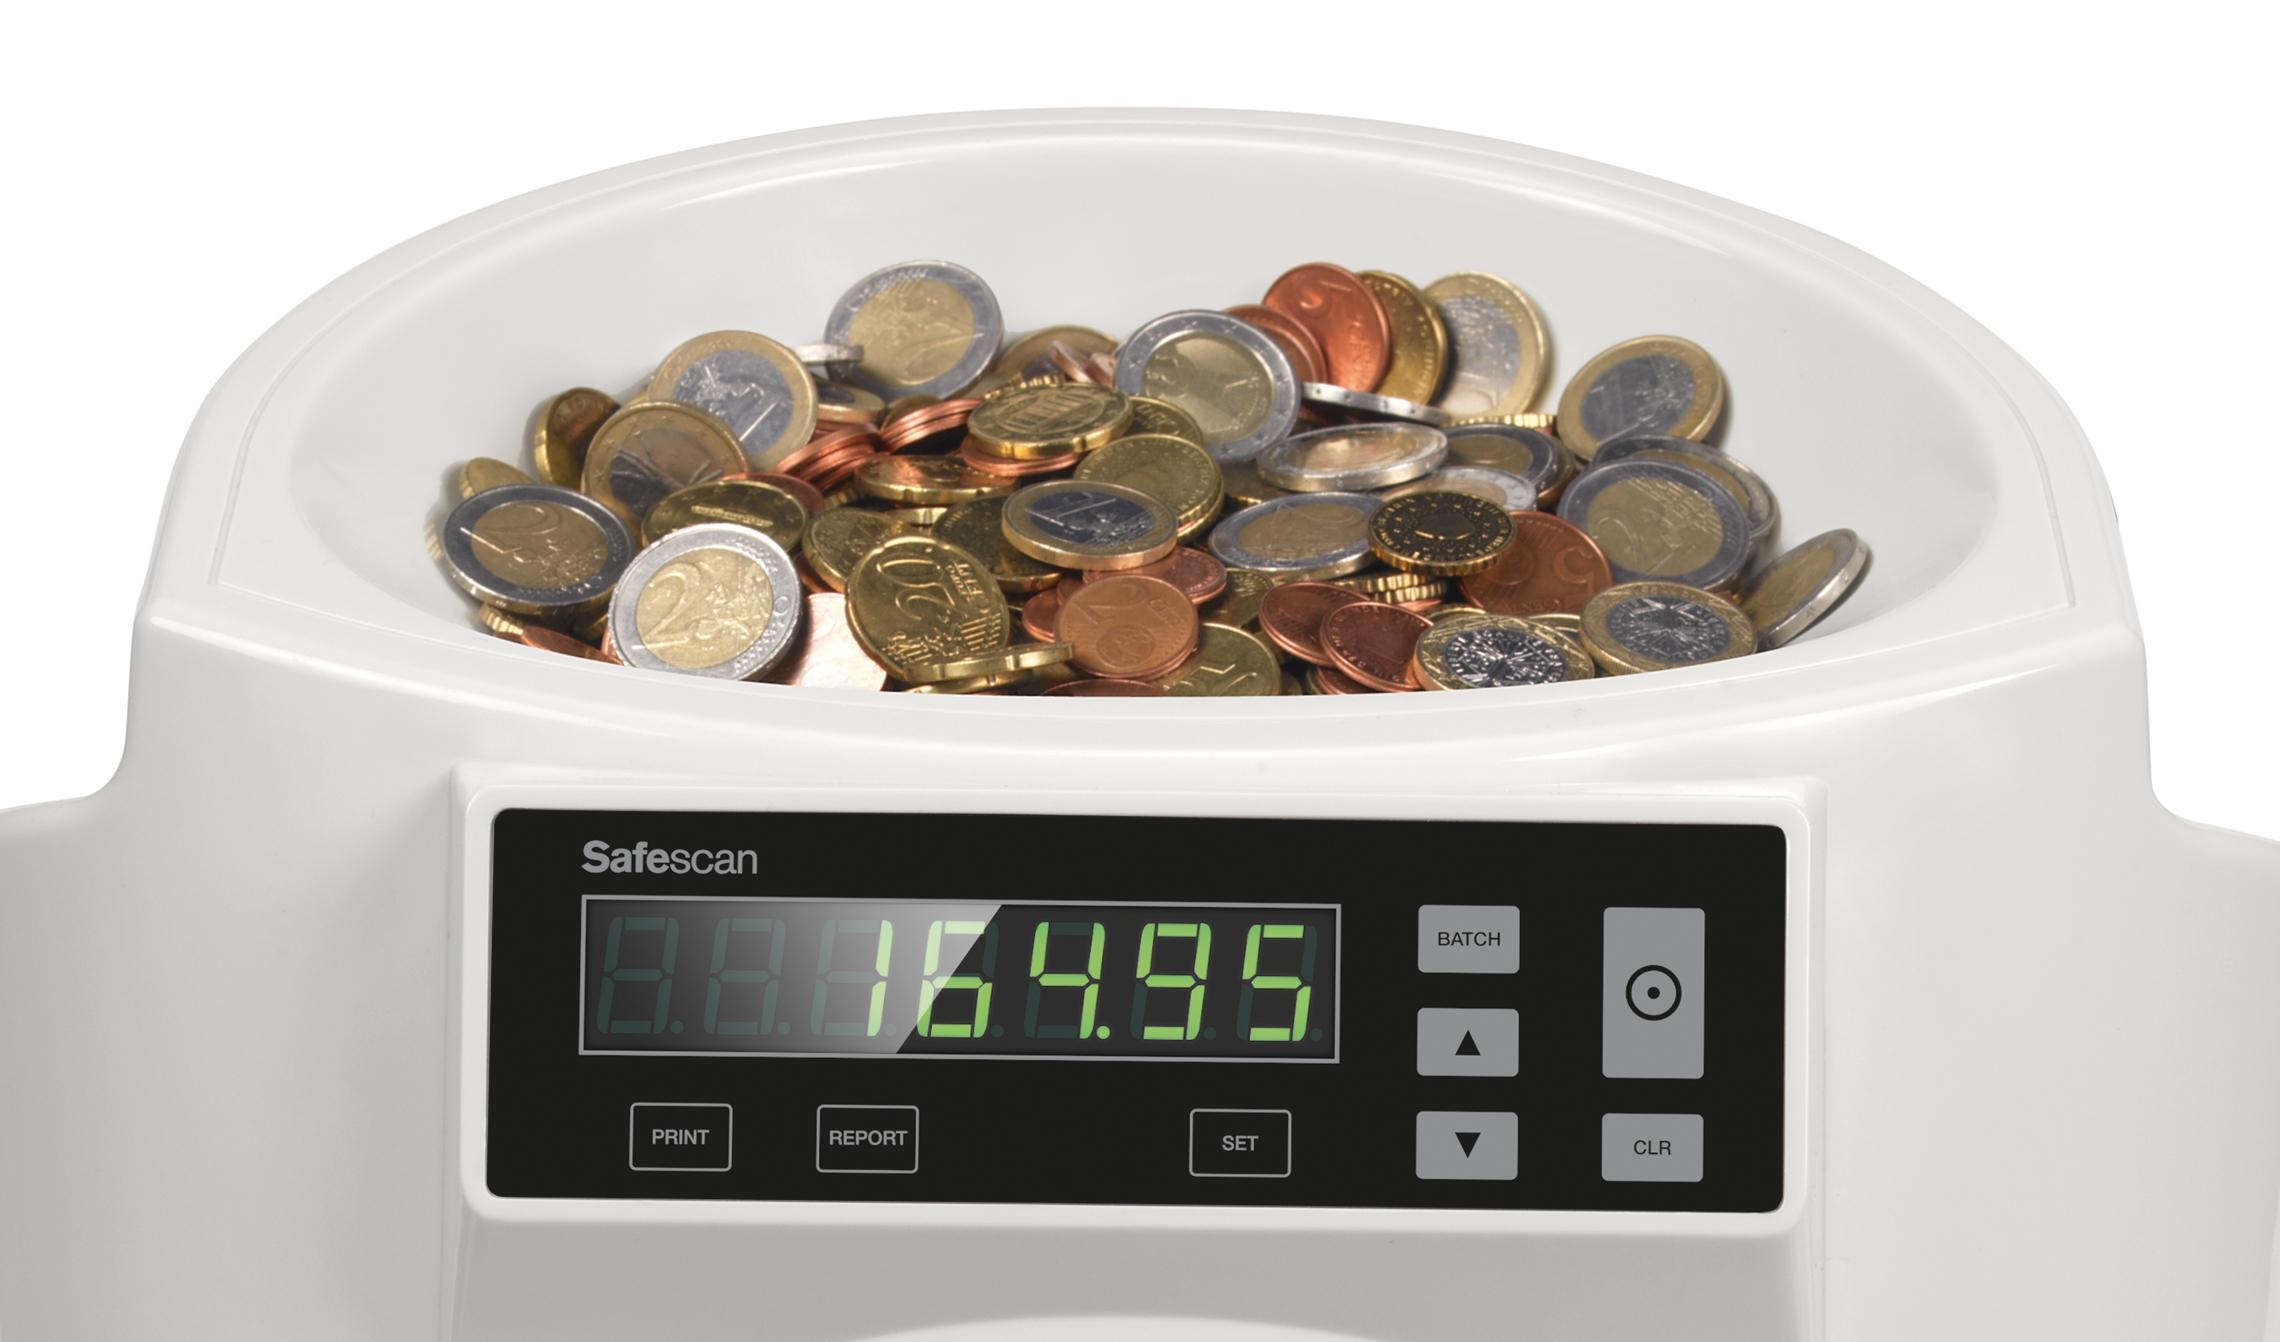 safescan-1250-eur-coin-hopper